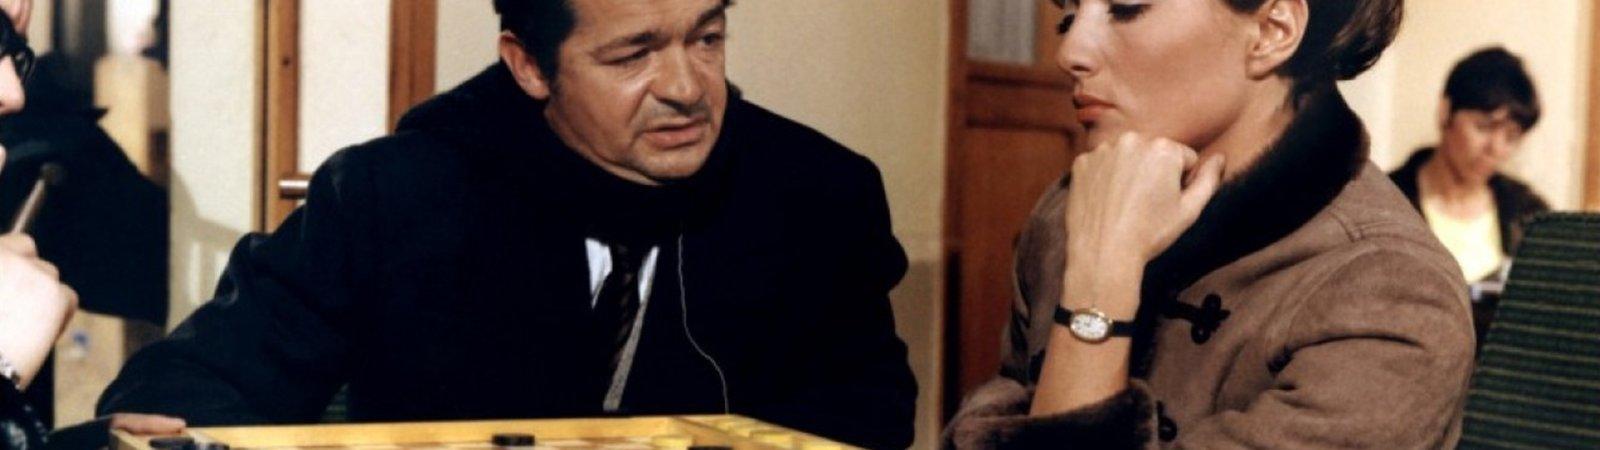 Photo du film : Marie-chantal contre docteur kha